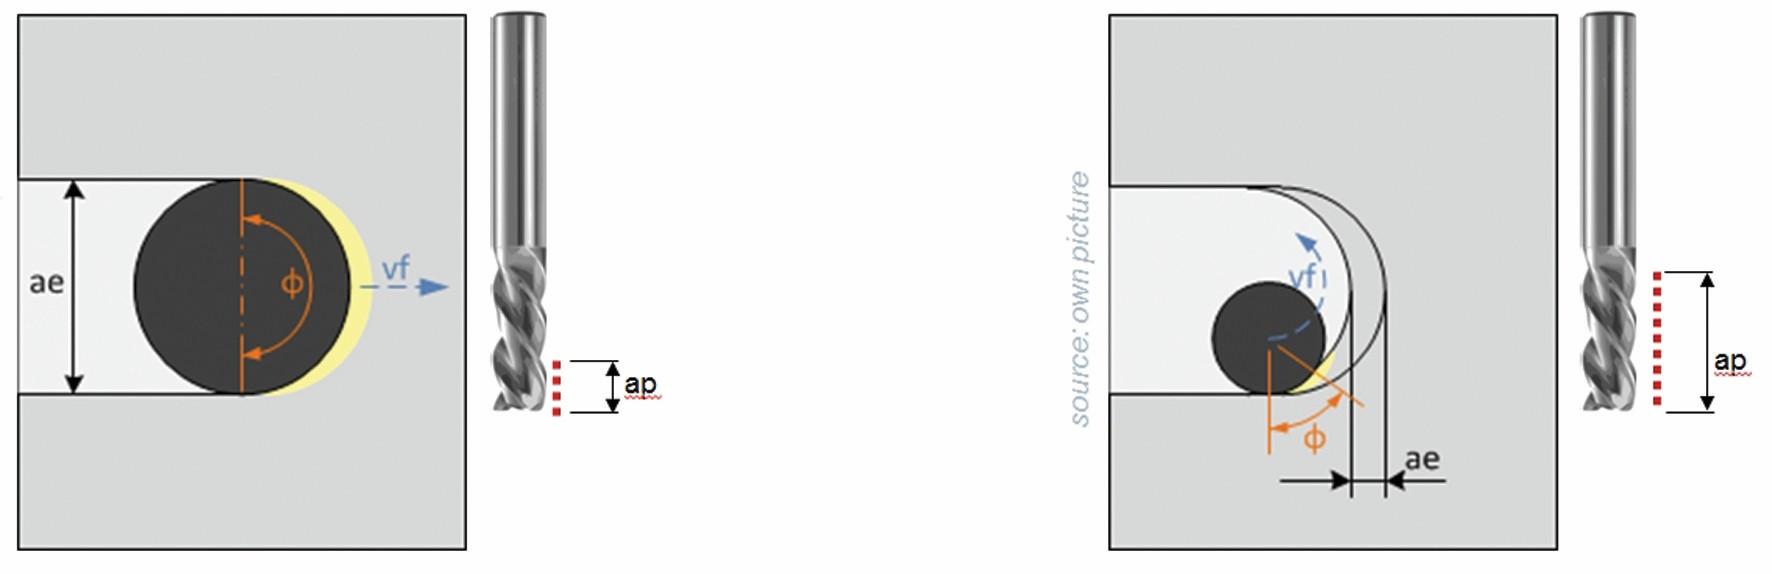 Bild 2: Trochoidal-Fräsen: geringere Werkzeugumschlingung, höhere Vorschubgeschwindigkeit und bessere Werkzeugnutzung durch größere Zustelltiefe. All dies verkürzt die Bearbeitungszeit bei Nuten und Taschen mit planem Boden. Bild: Siemens